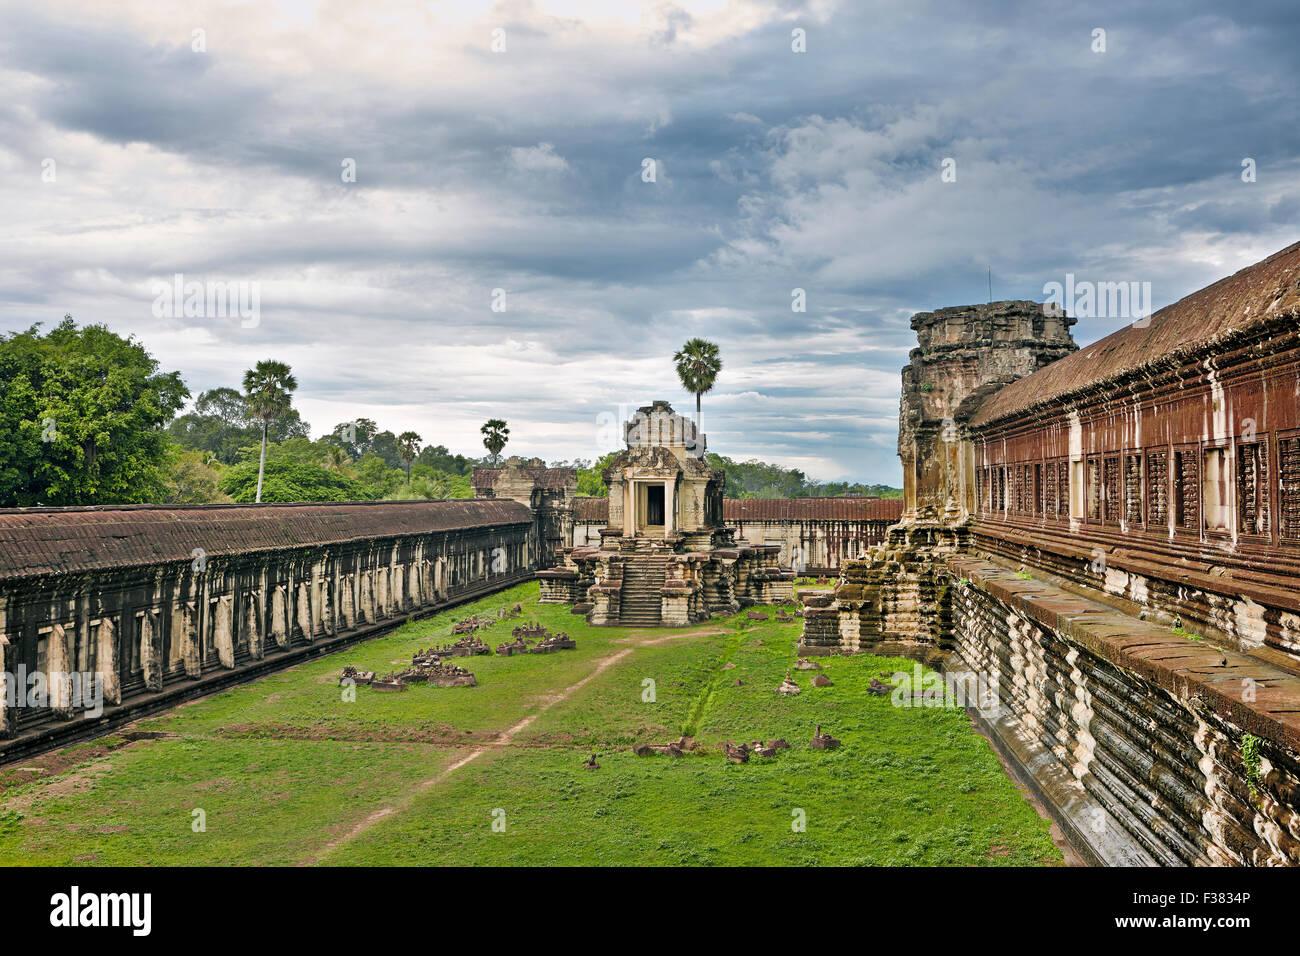 Temple d'Angkor Wat. Parc archéologique d'Angkor, la Province de Siem Reap, au Cambodge. Photo Stock